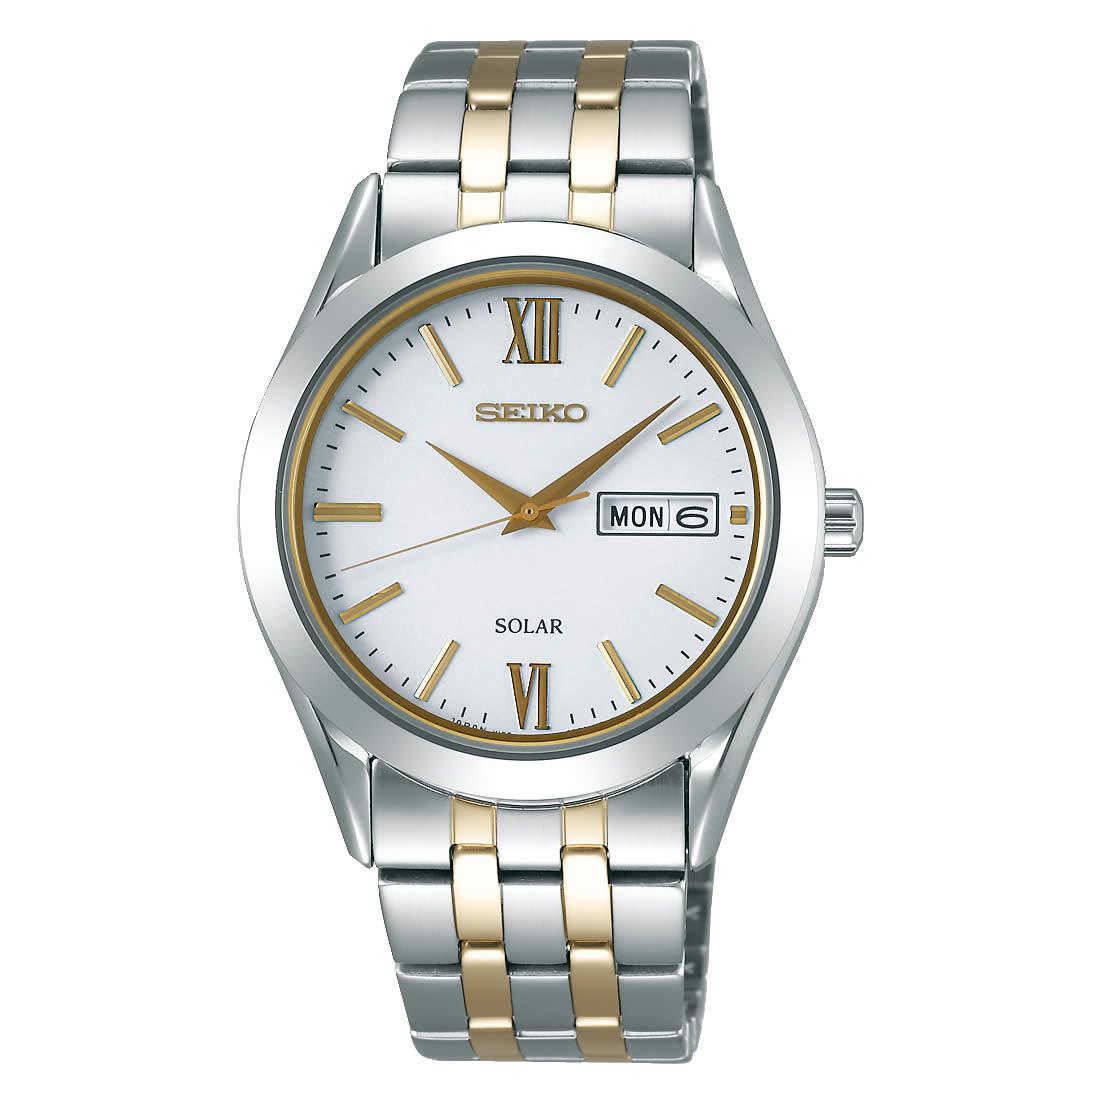 【送料無料】【国内正規品】セイコー スピリット SEIKO SPIRIT 腕時計 ソーラー メンズ SBPX085 日常生活用防水 ビジネス シンプル ソーラー腕時計 きれいめ 人気 うでどけい とけい WATCH 時計【取り寄せ】